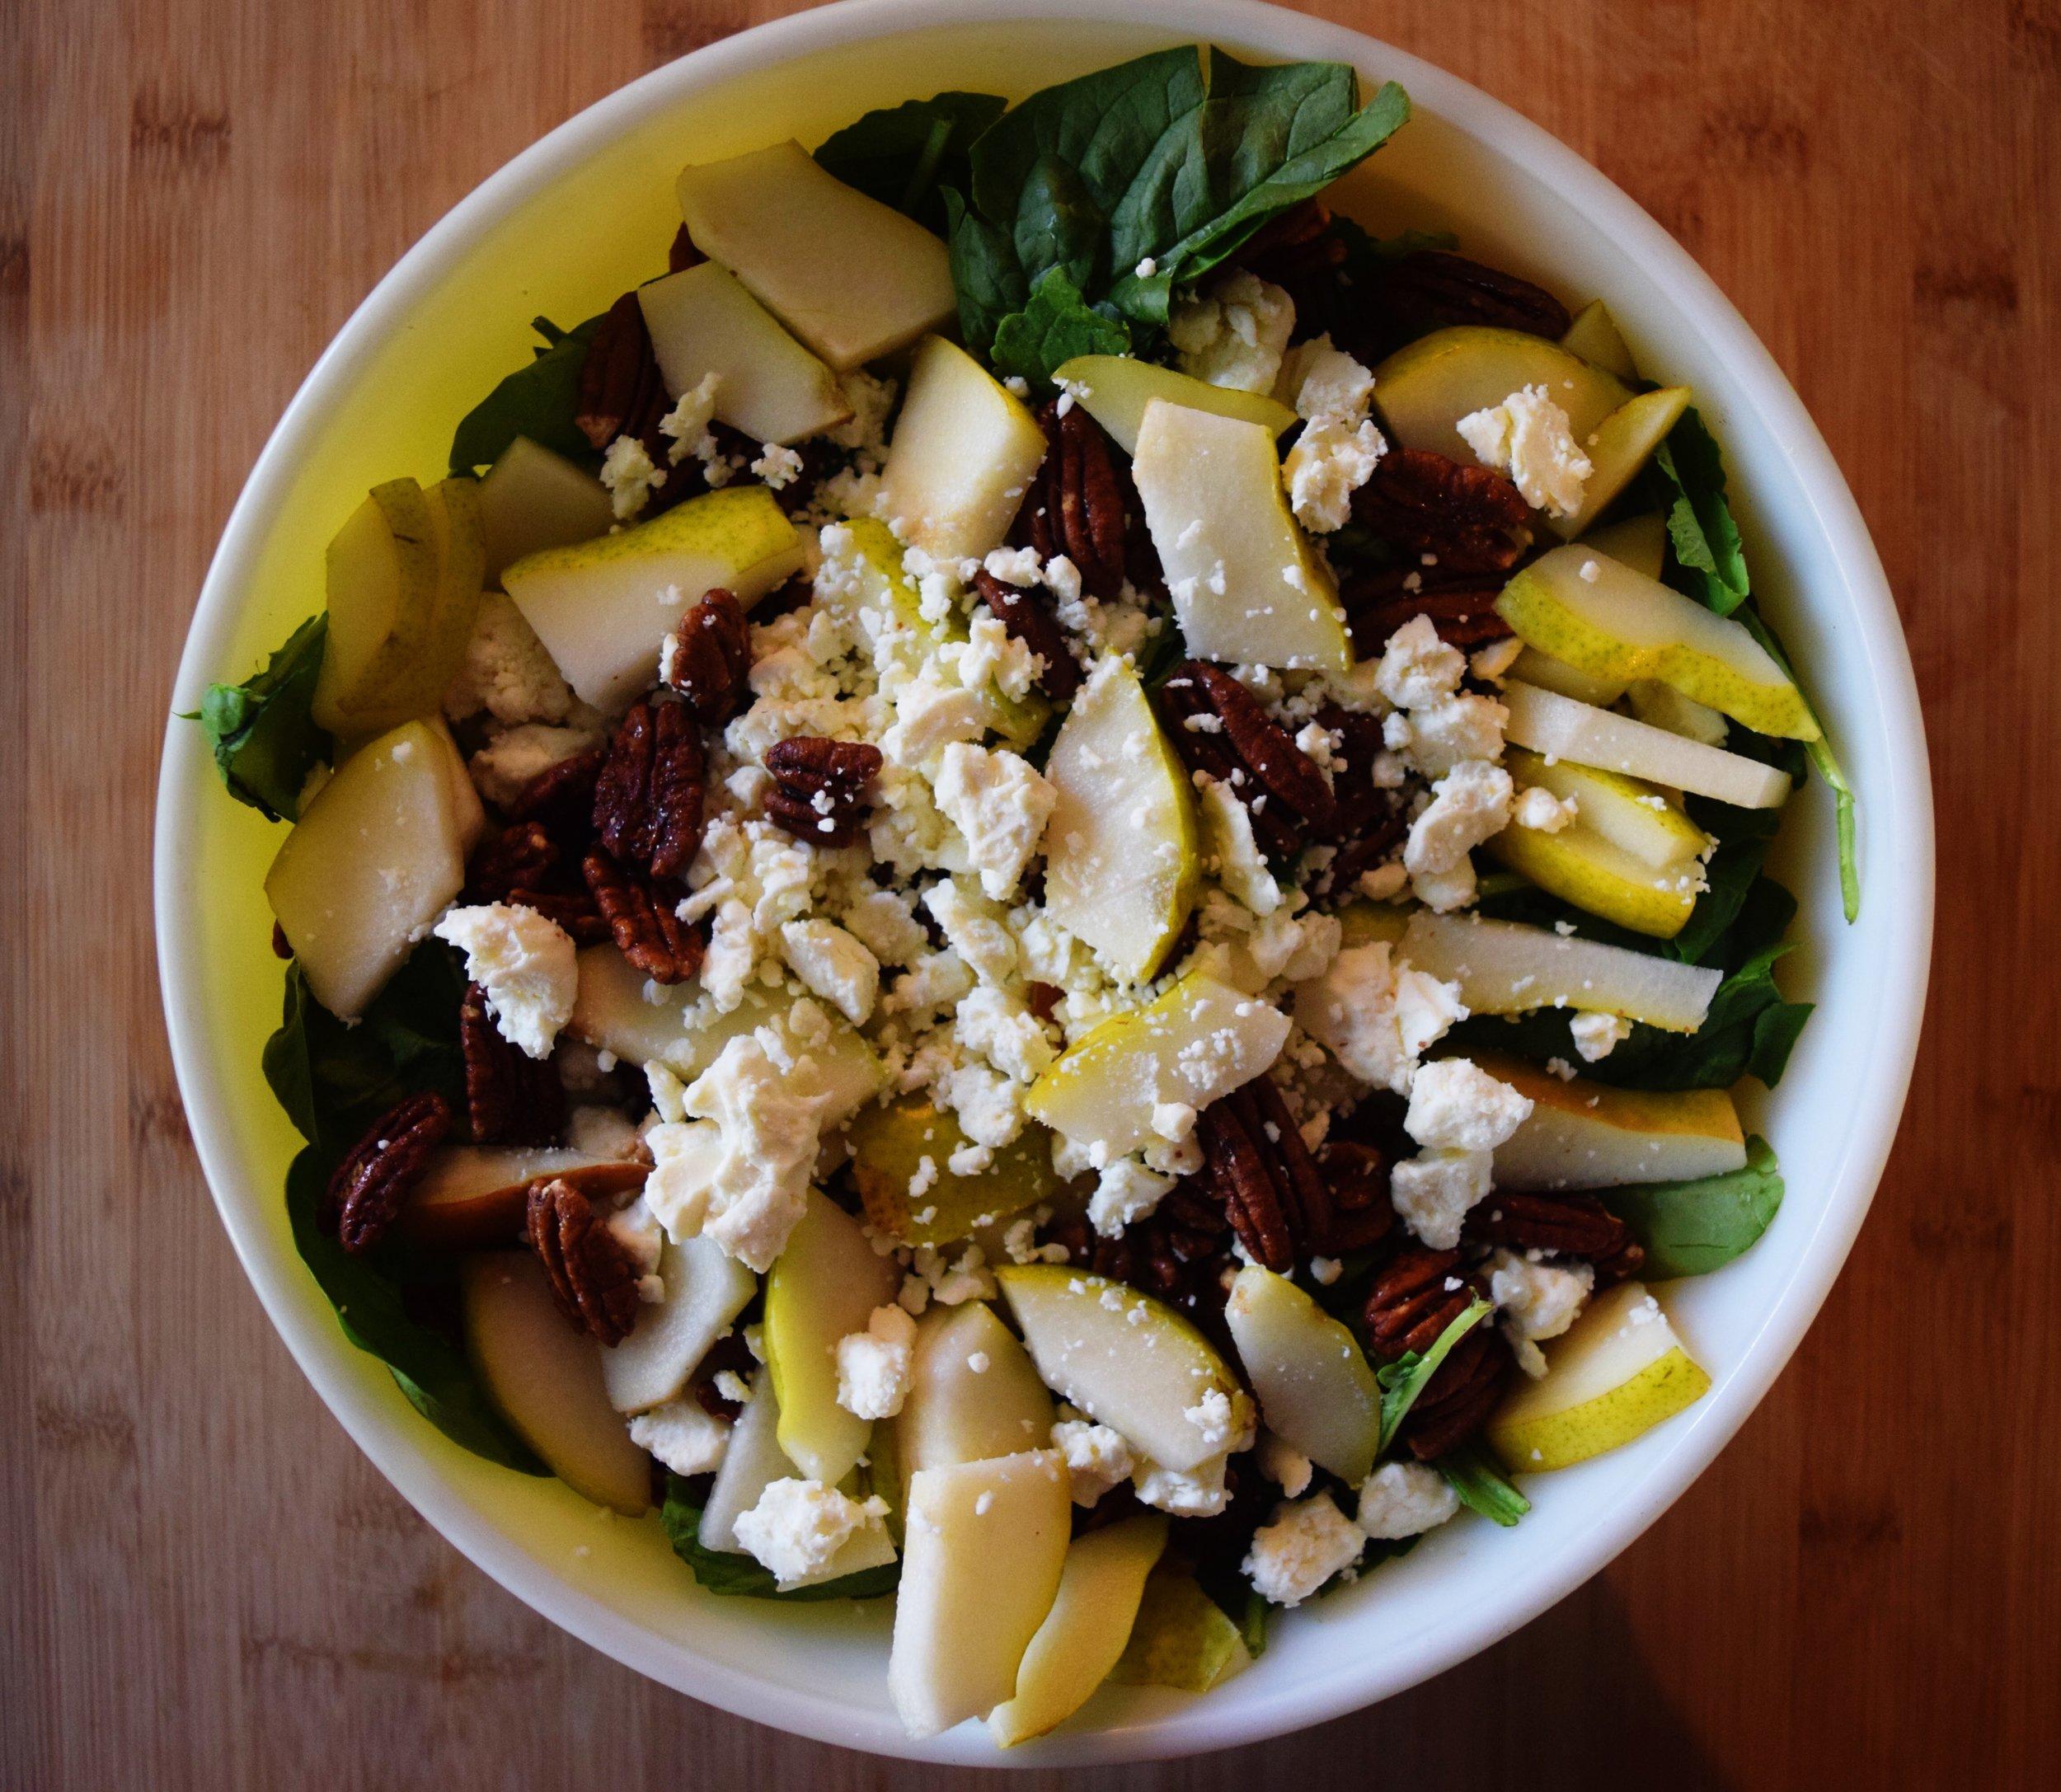 PEAR AND FETA SALAD (via JacinthaPayne.com)